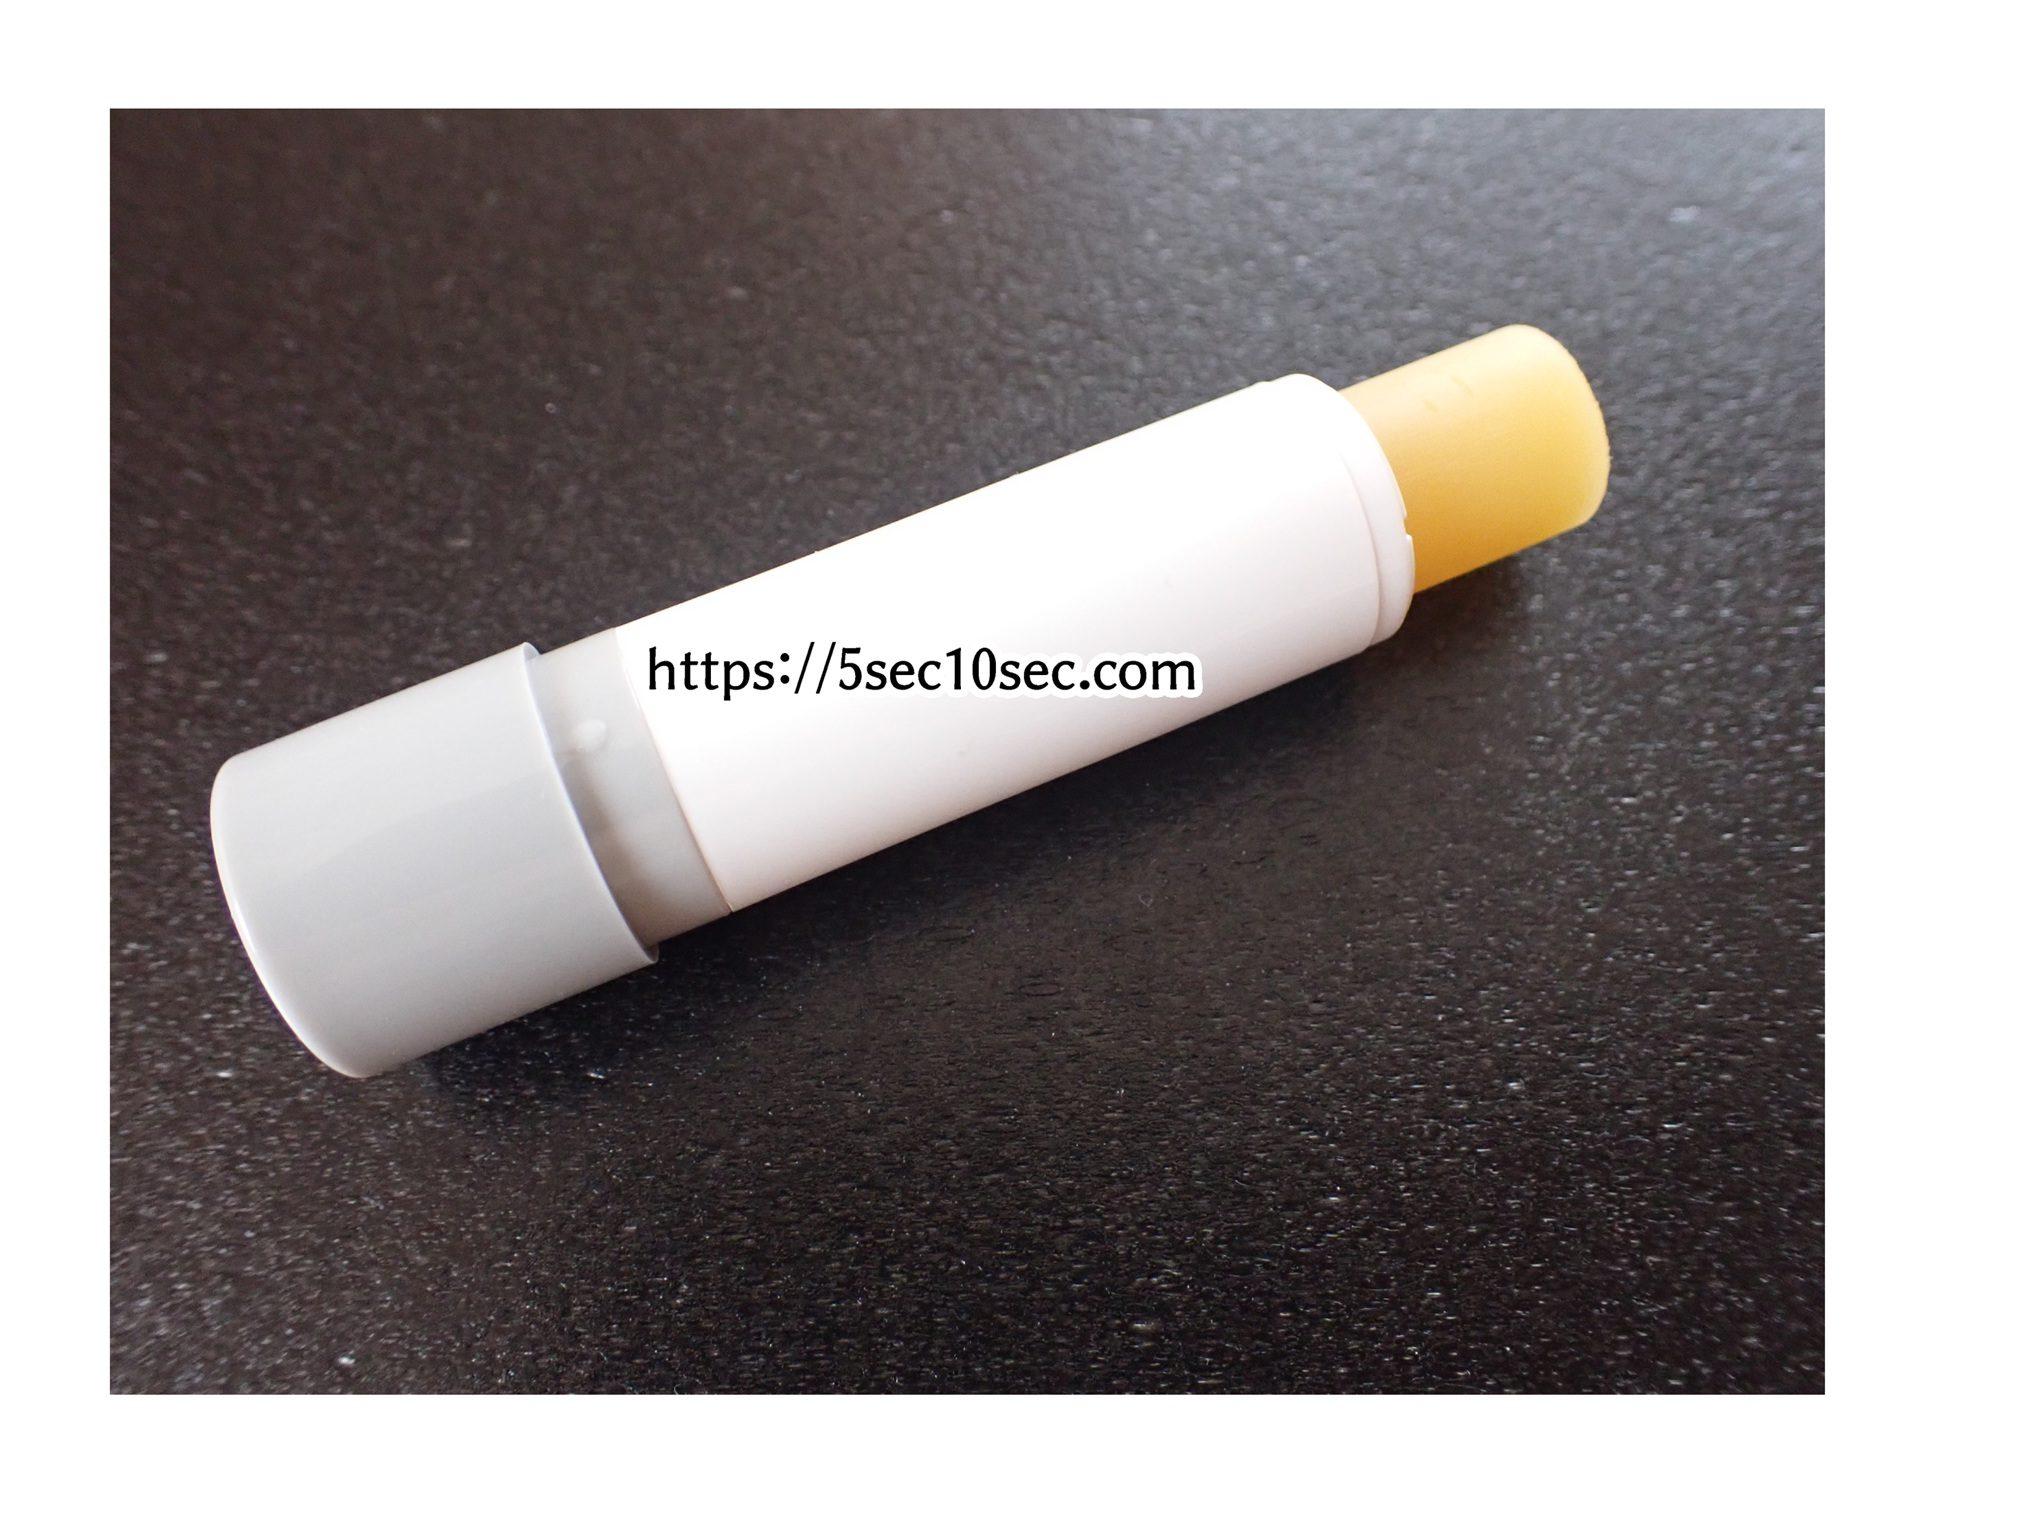 ロゴナ LOGONA カレンデュラ リップバーム 4.5g ブラウンから黄色っぽい色味のテクスチャ―